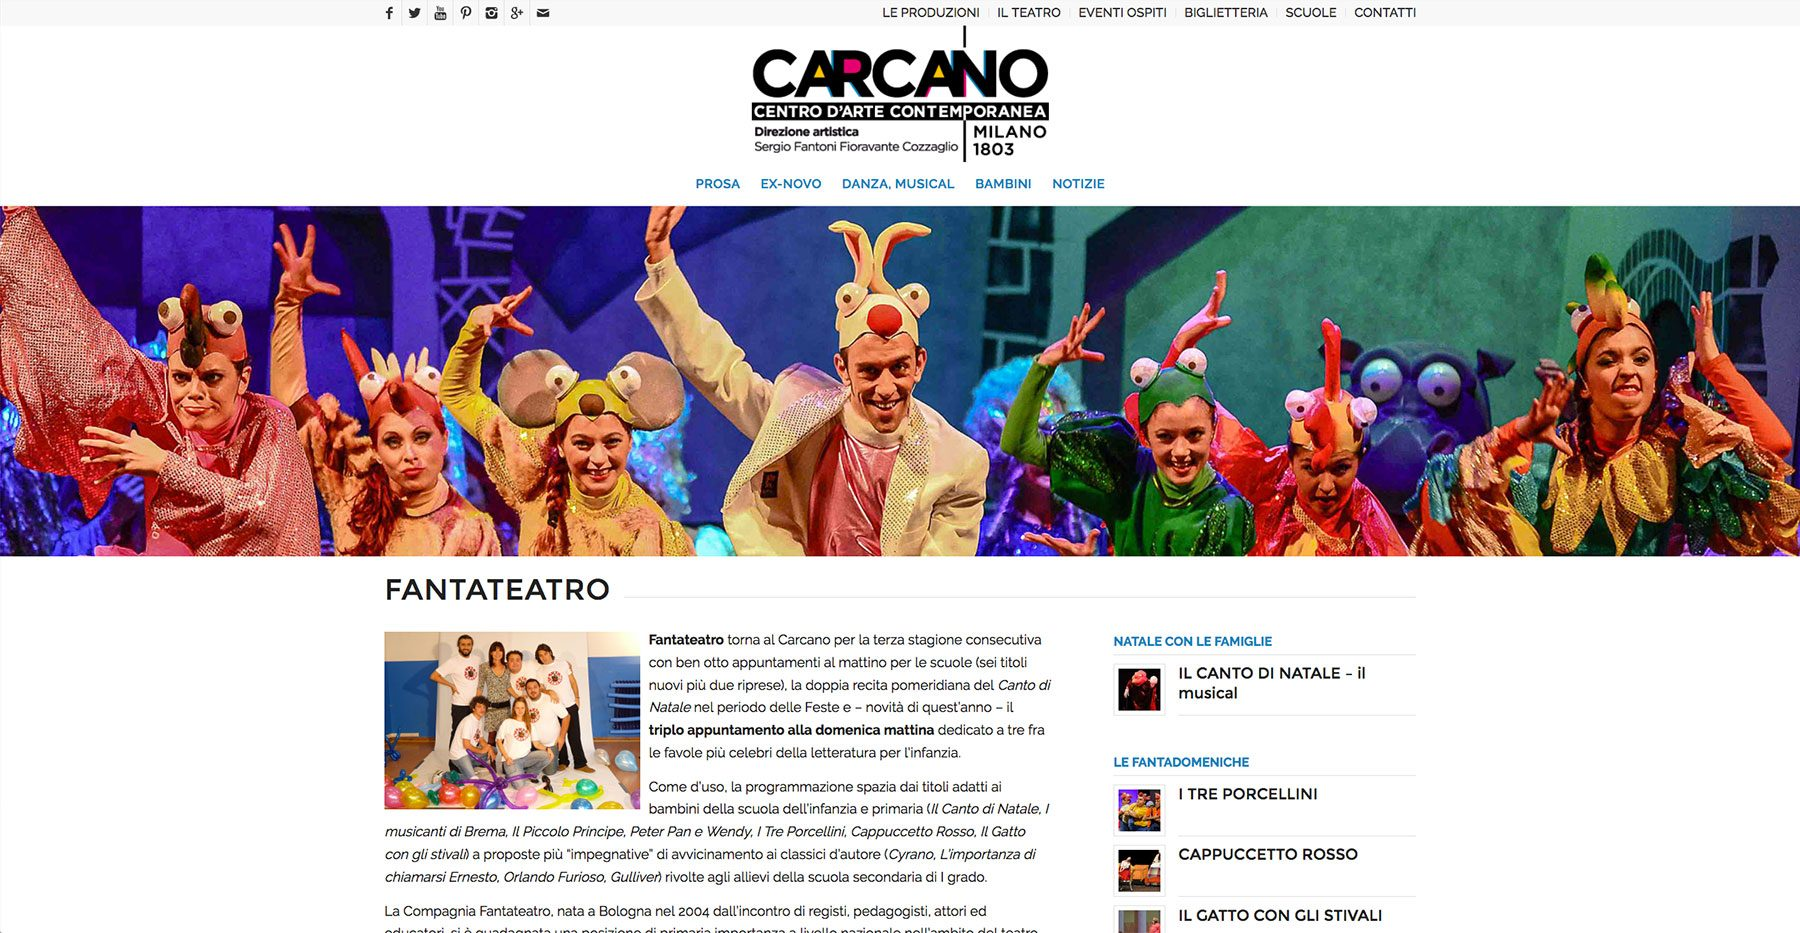 Sezione Fantateatro presso Teatro Carcano, sito web di Baldanello e Ilari